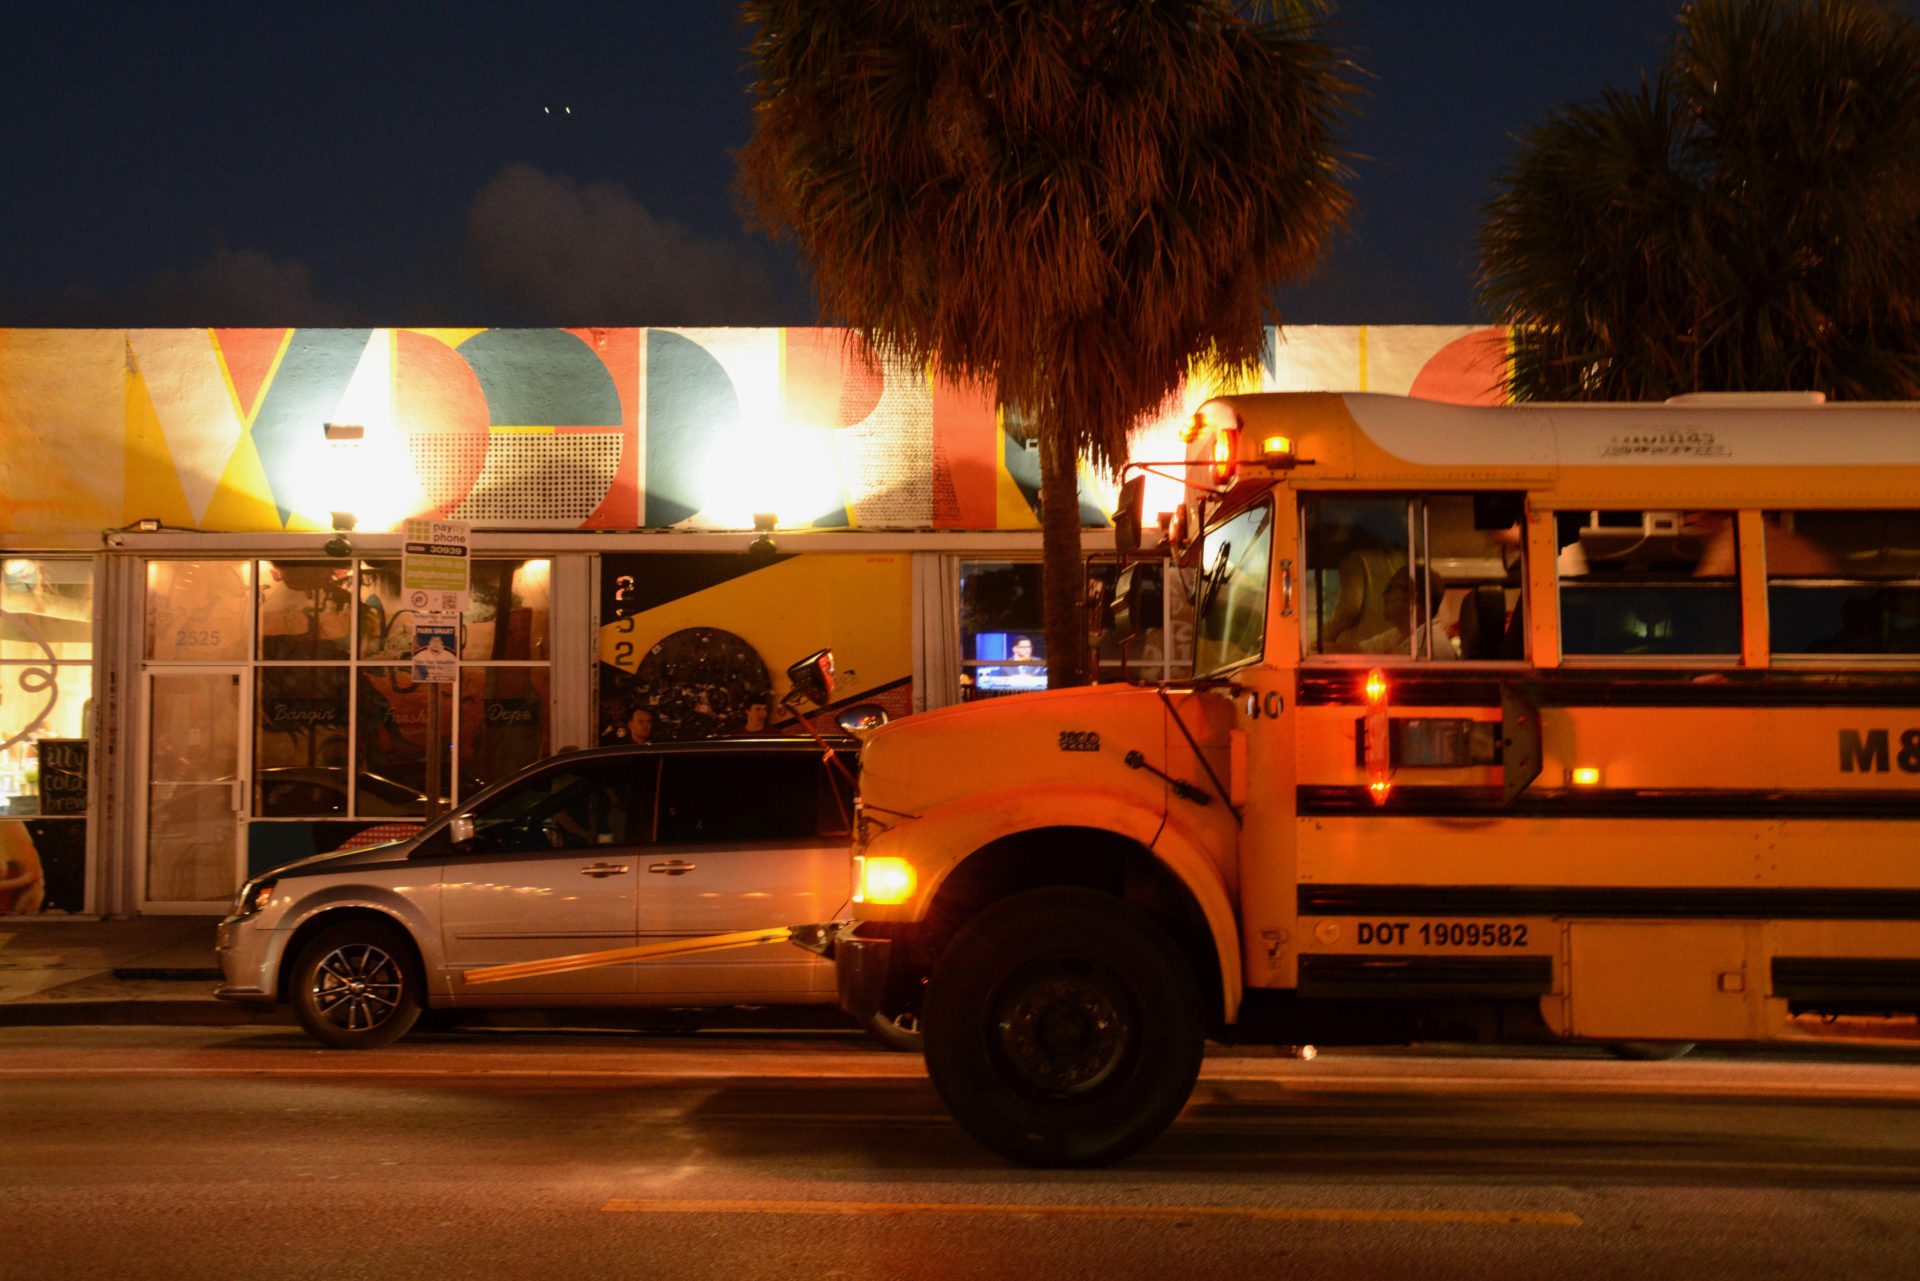 Schulbus auf den Straßen von Wynwood in Miami im Abendlicht